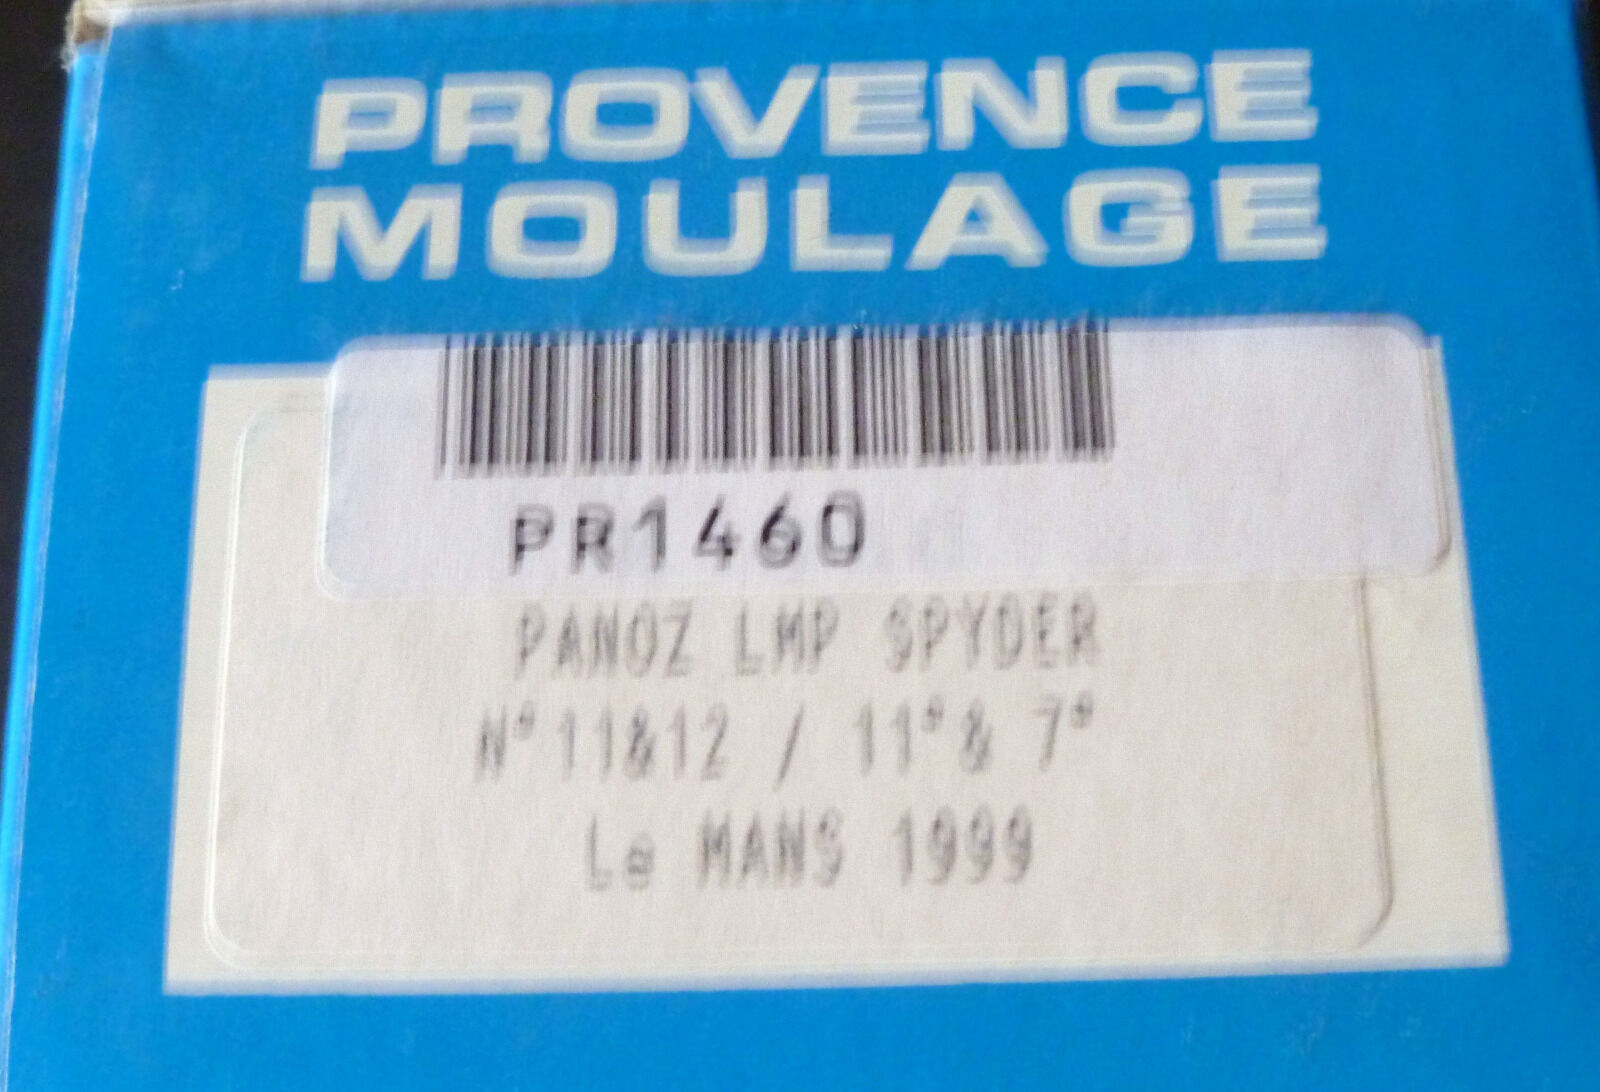 PANOZ LMP SPYDER   LE MANS  - 1999    PROVENCE MOULAGE 1 43